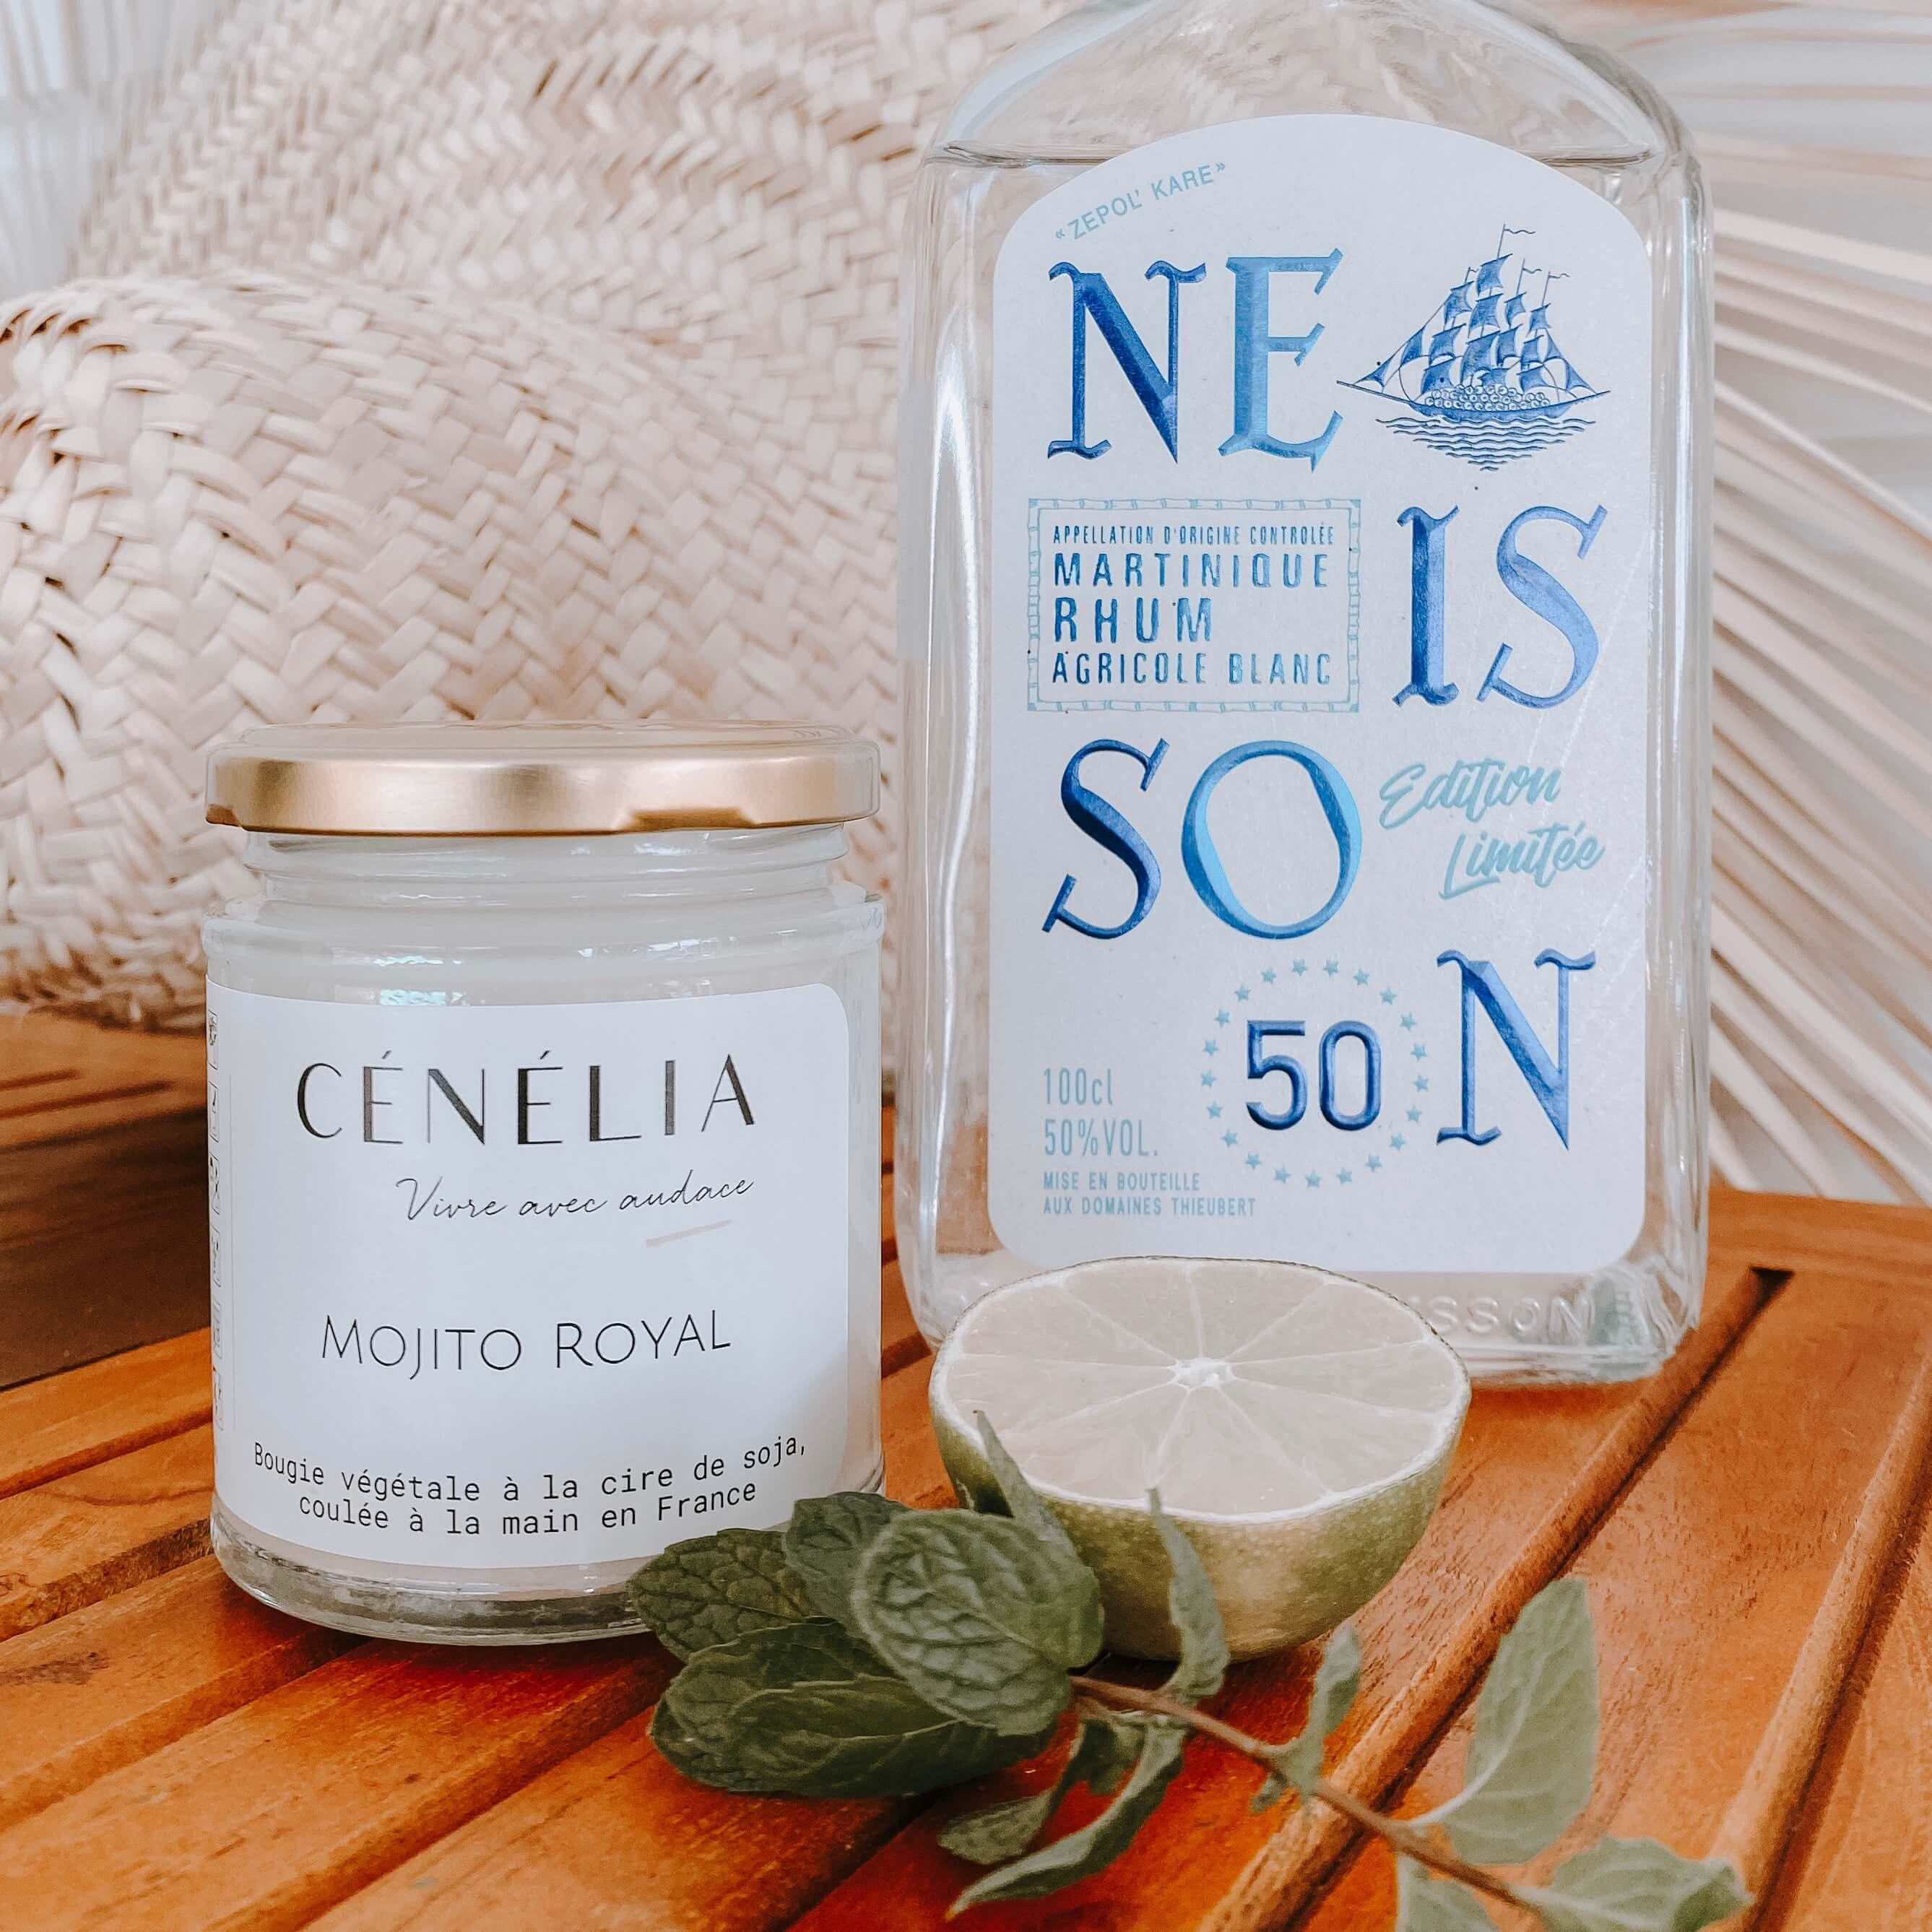 bougie tropicale Mojito Royal - Bougie naturelle parfumée Cénélia